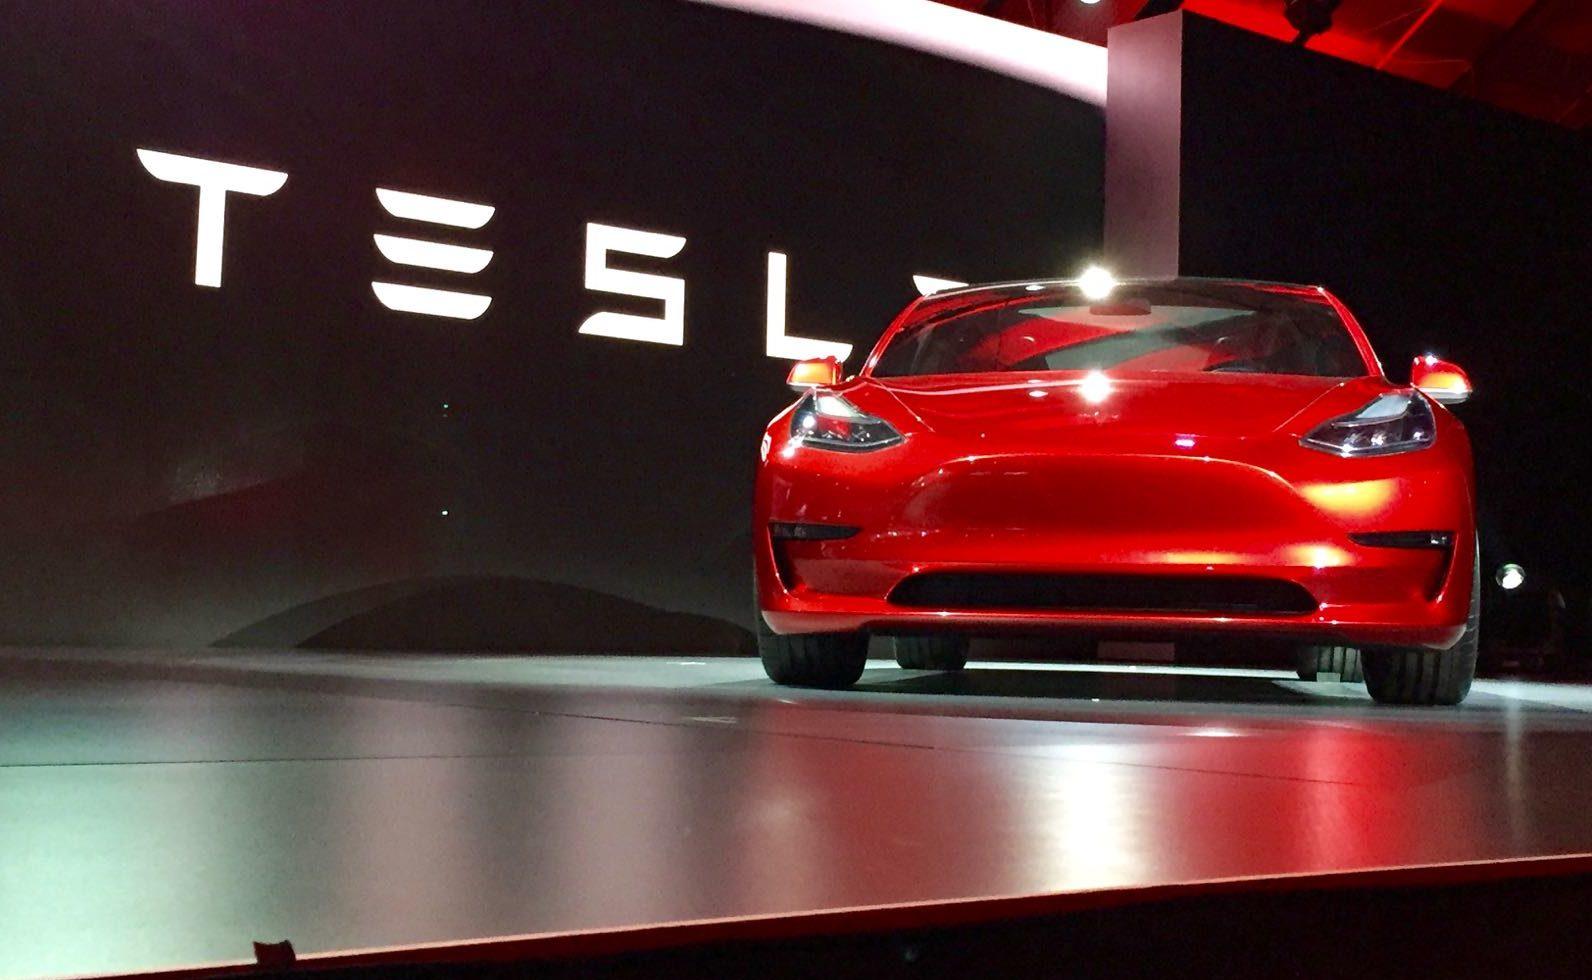 Tesla продвигает Model 3 до колоссального диапазона EPA в 353 мили менее чем за 47000 долларов